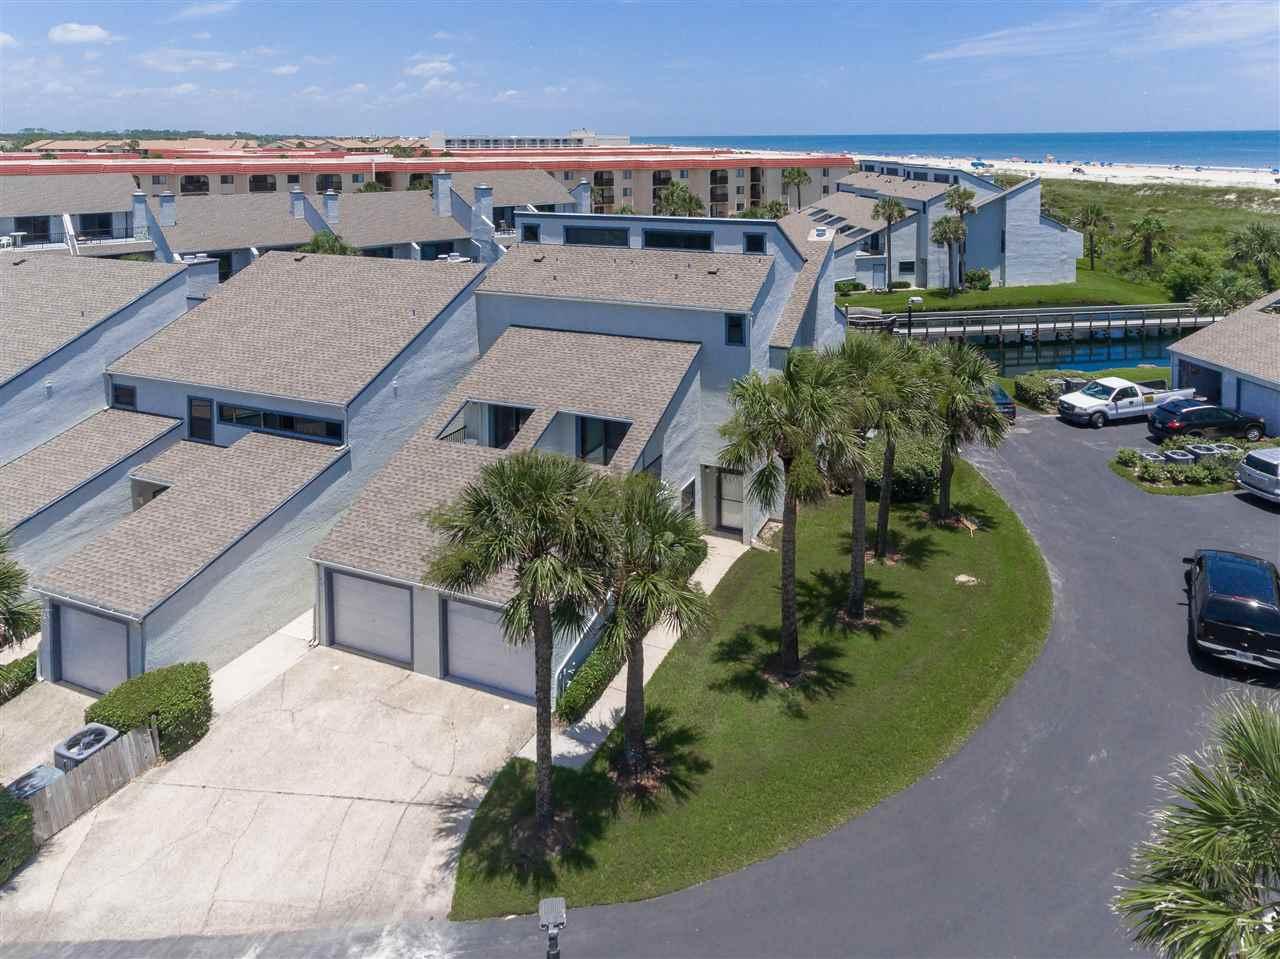 890 A1A BEACH BLVD #50, ST AUGUSTINE, FL 32080  Photo 2